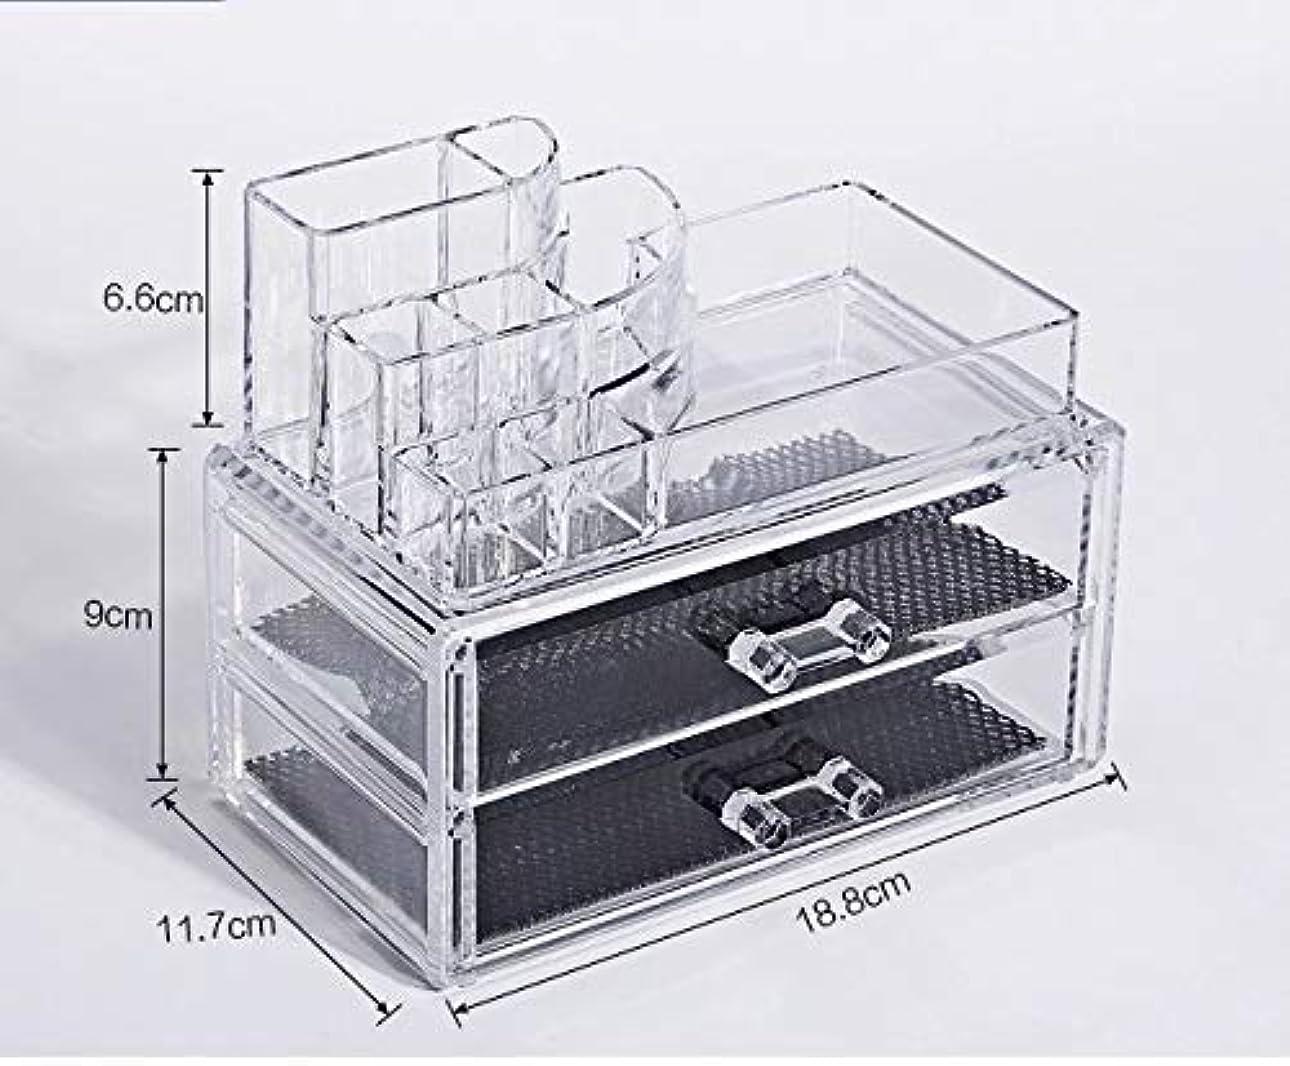 会議ぺディカブ気付く化粧品収納ボックス メイクボックス 化粧品 収納 ニオイなし 騒音なし 防塵 高透明度 強い耐久性